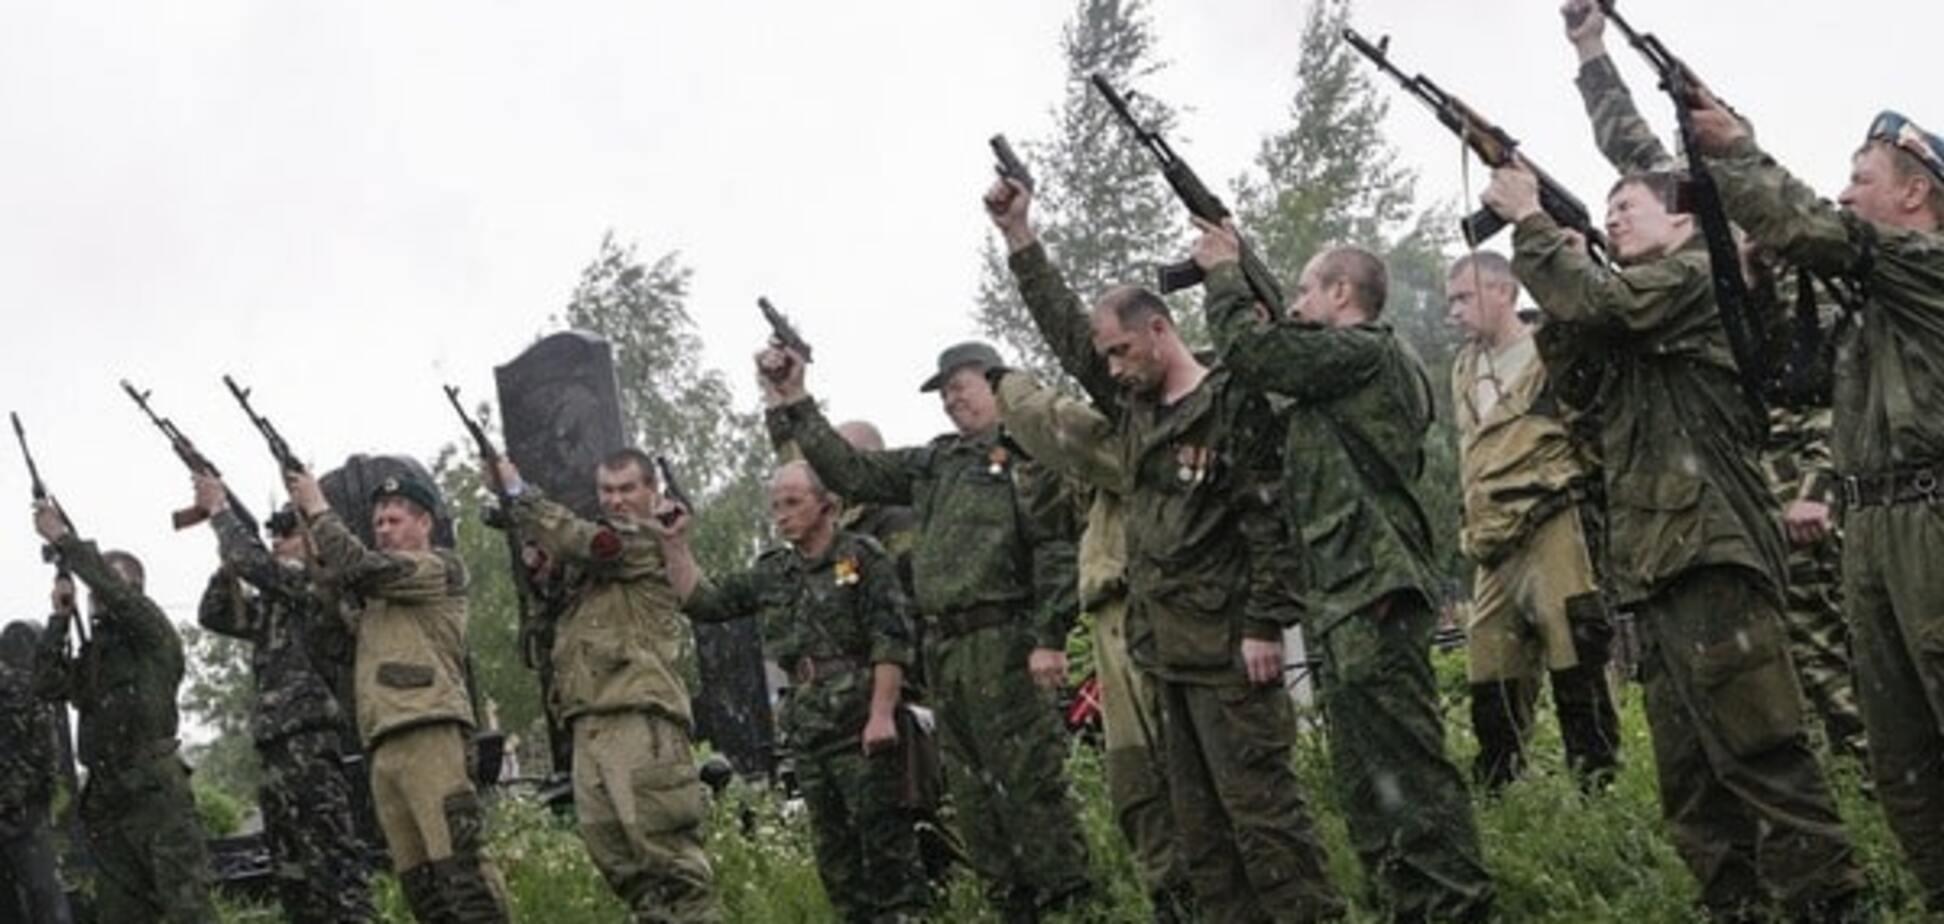 Терористи посилили атаки під Донецьком: 'працюють' важкі міномети і снайпери